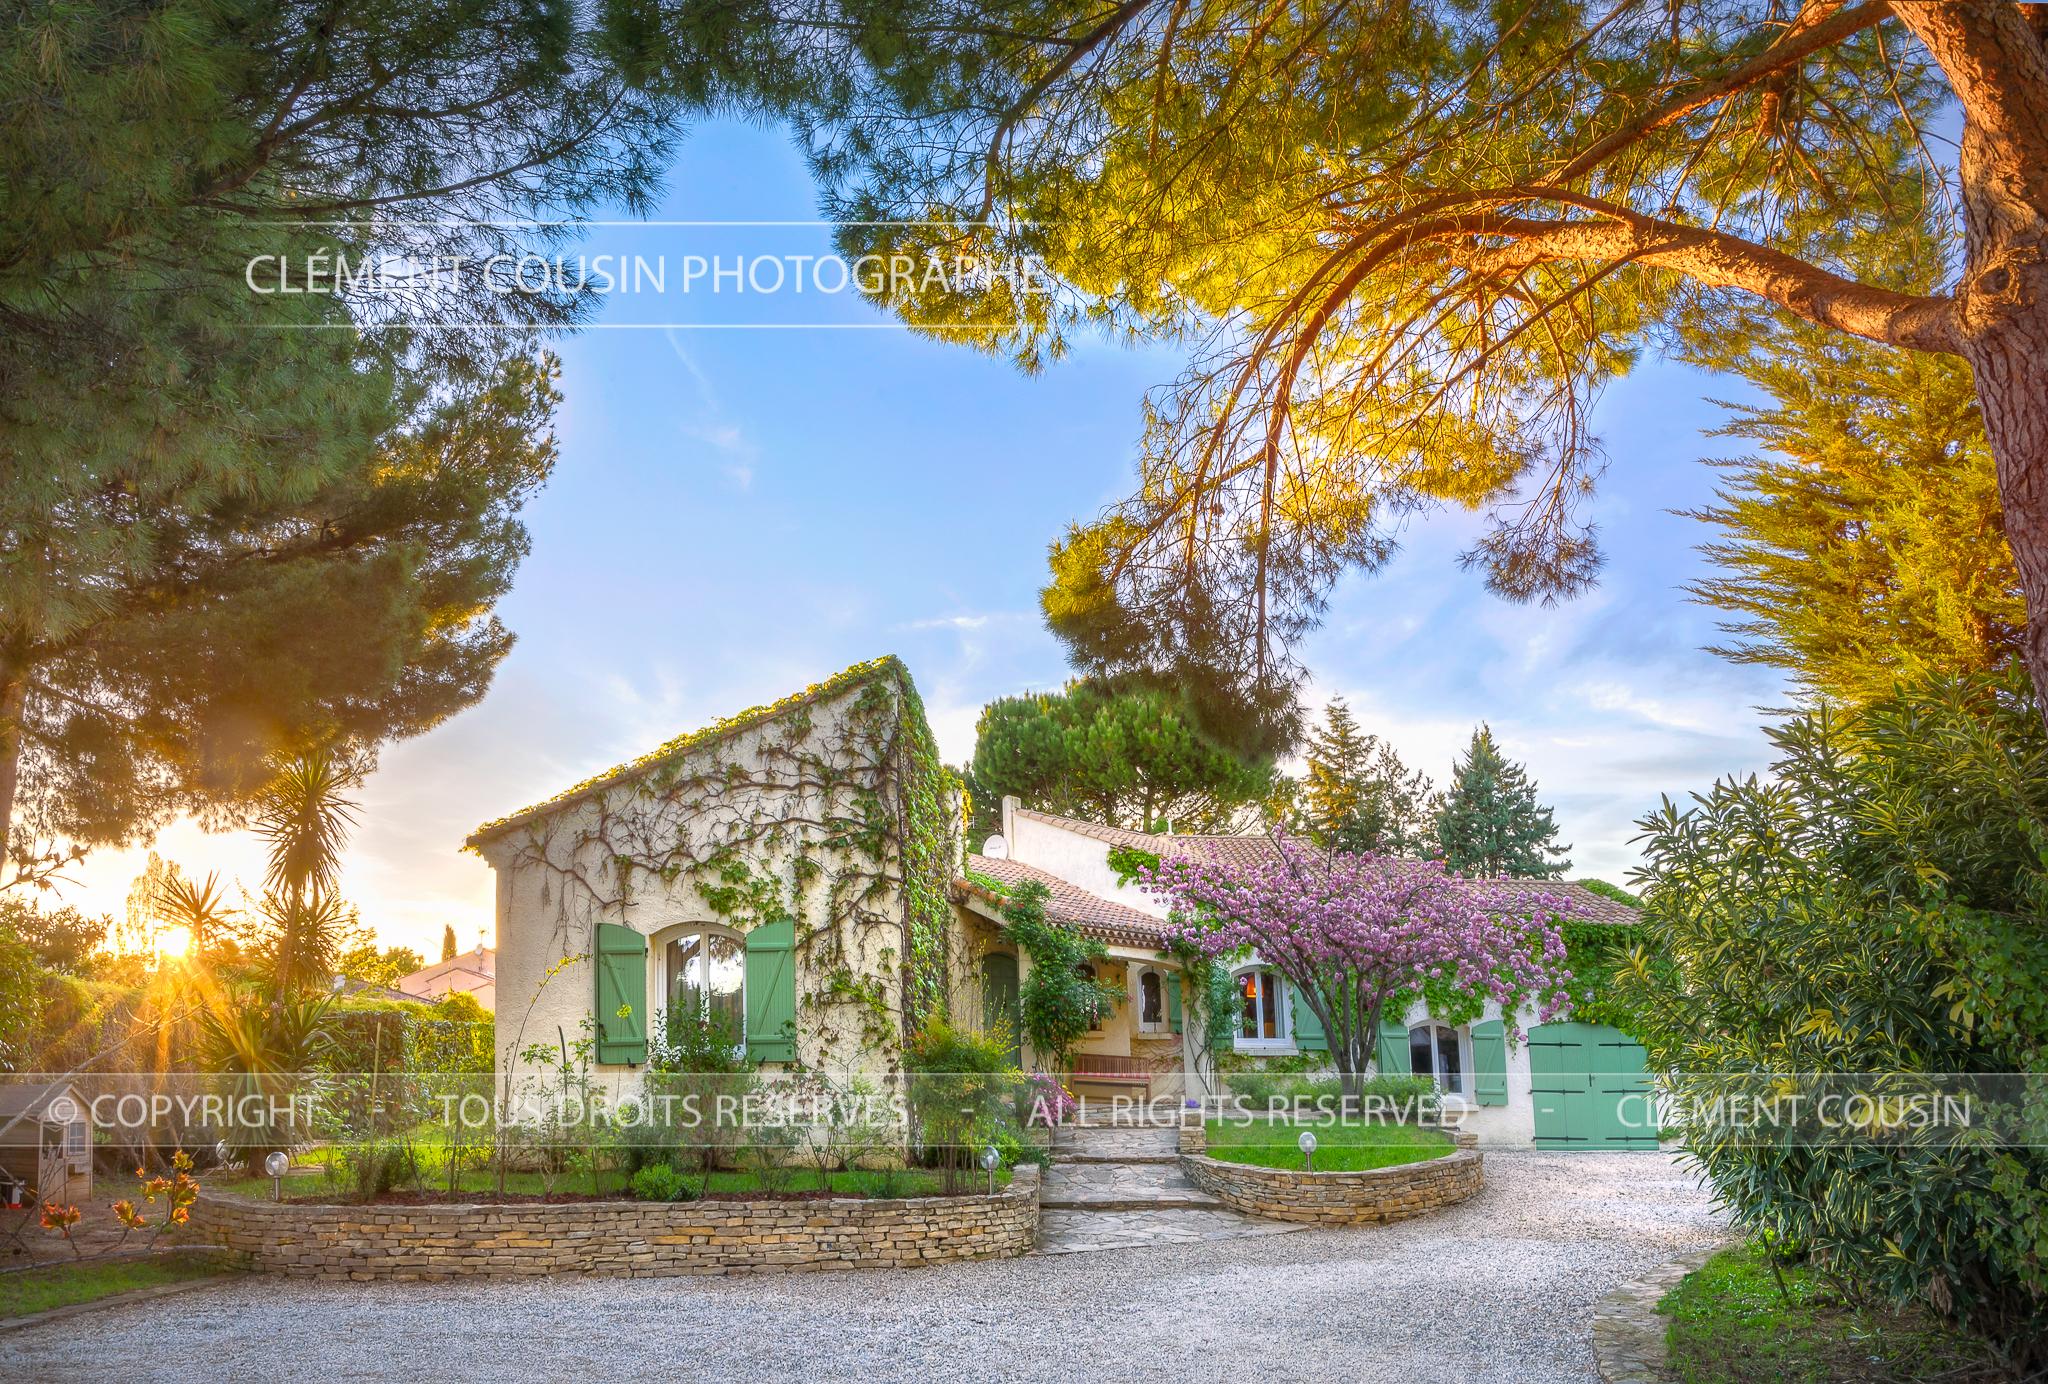 villa boirargues 14-04 no cc-1.jpg